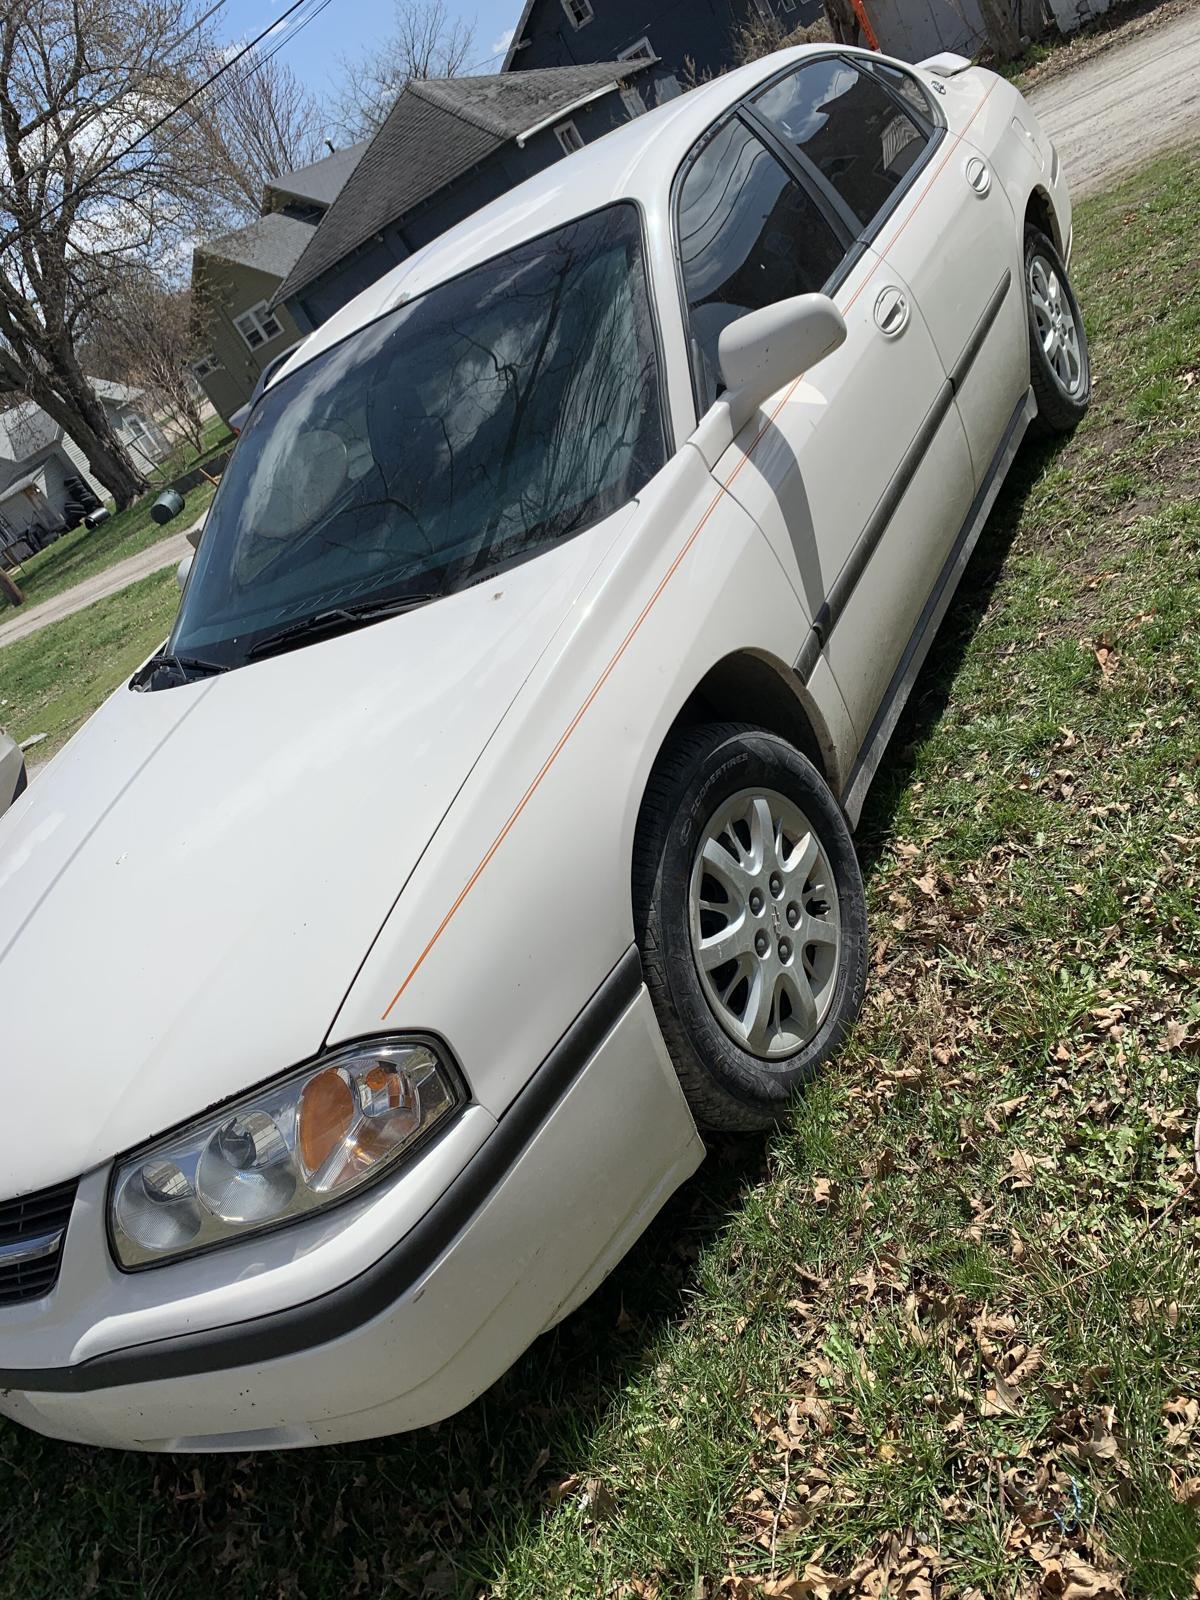 2004 Chevy Impala image 1